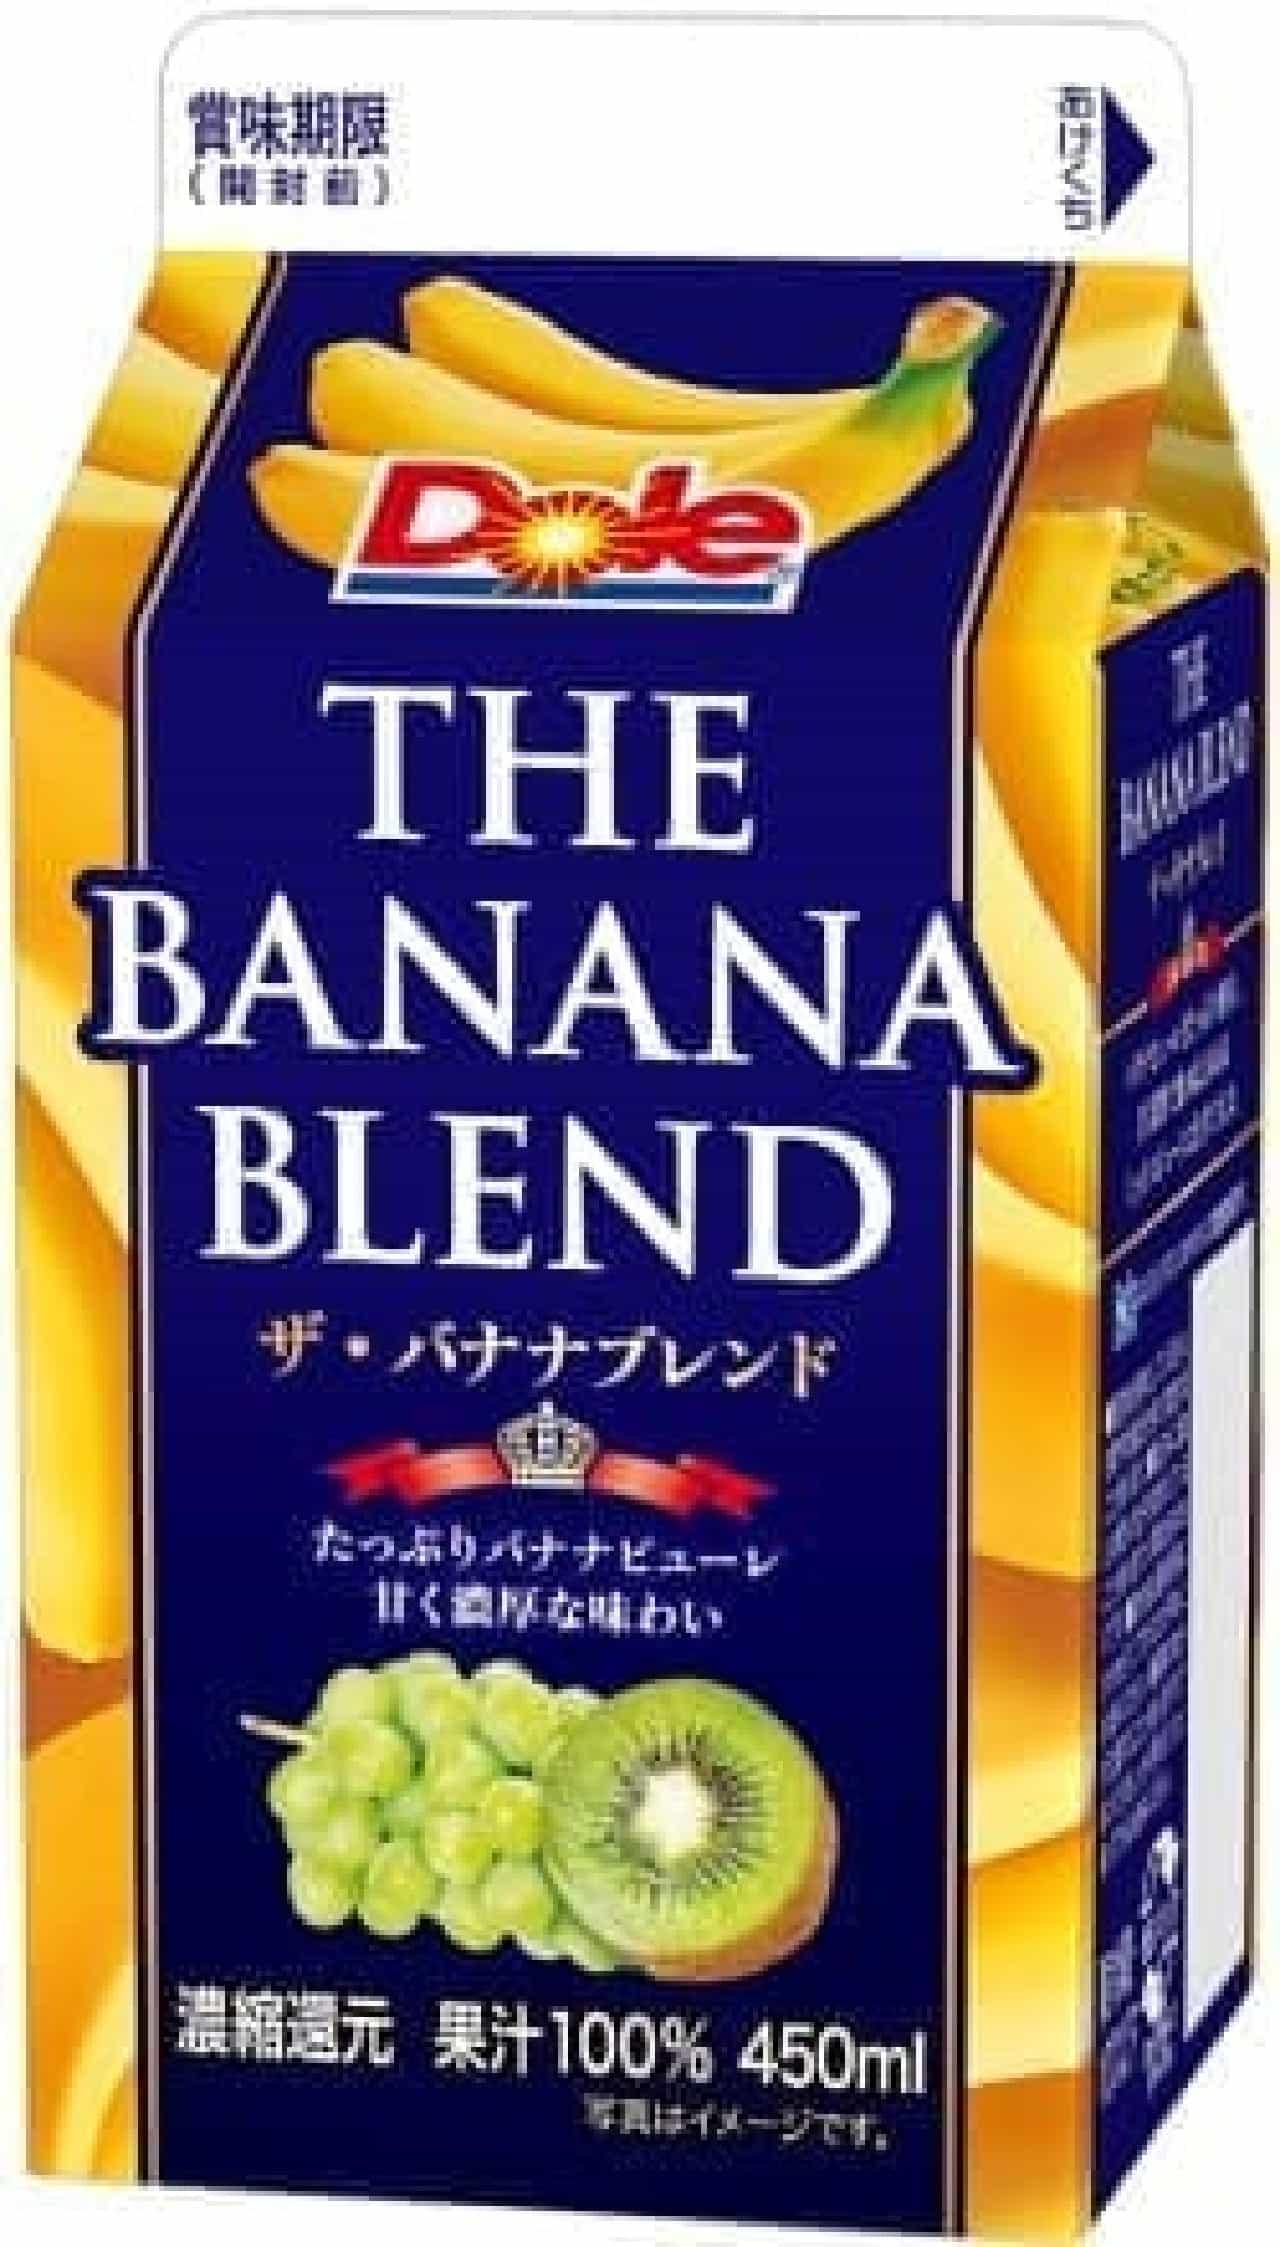 雪印メグミルク「Dole(ドール)THE BANANA BLEND(バナナブレンド)」